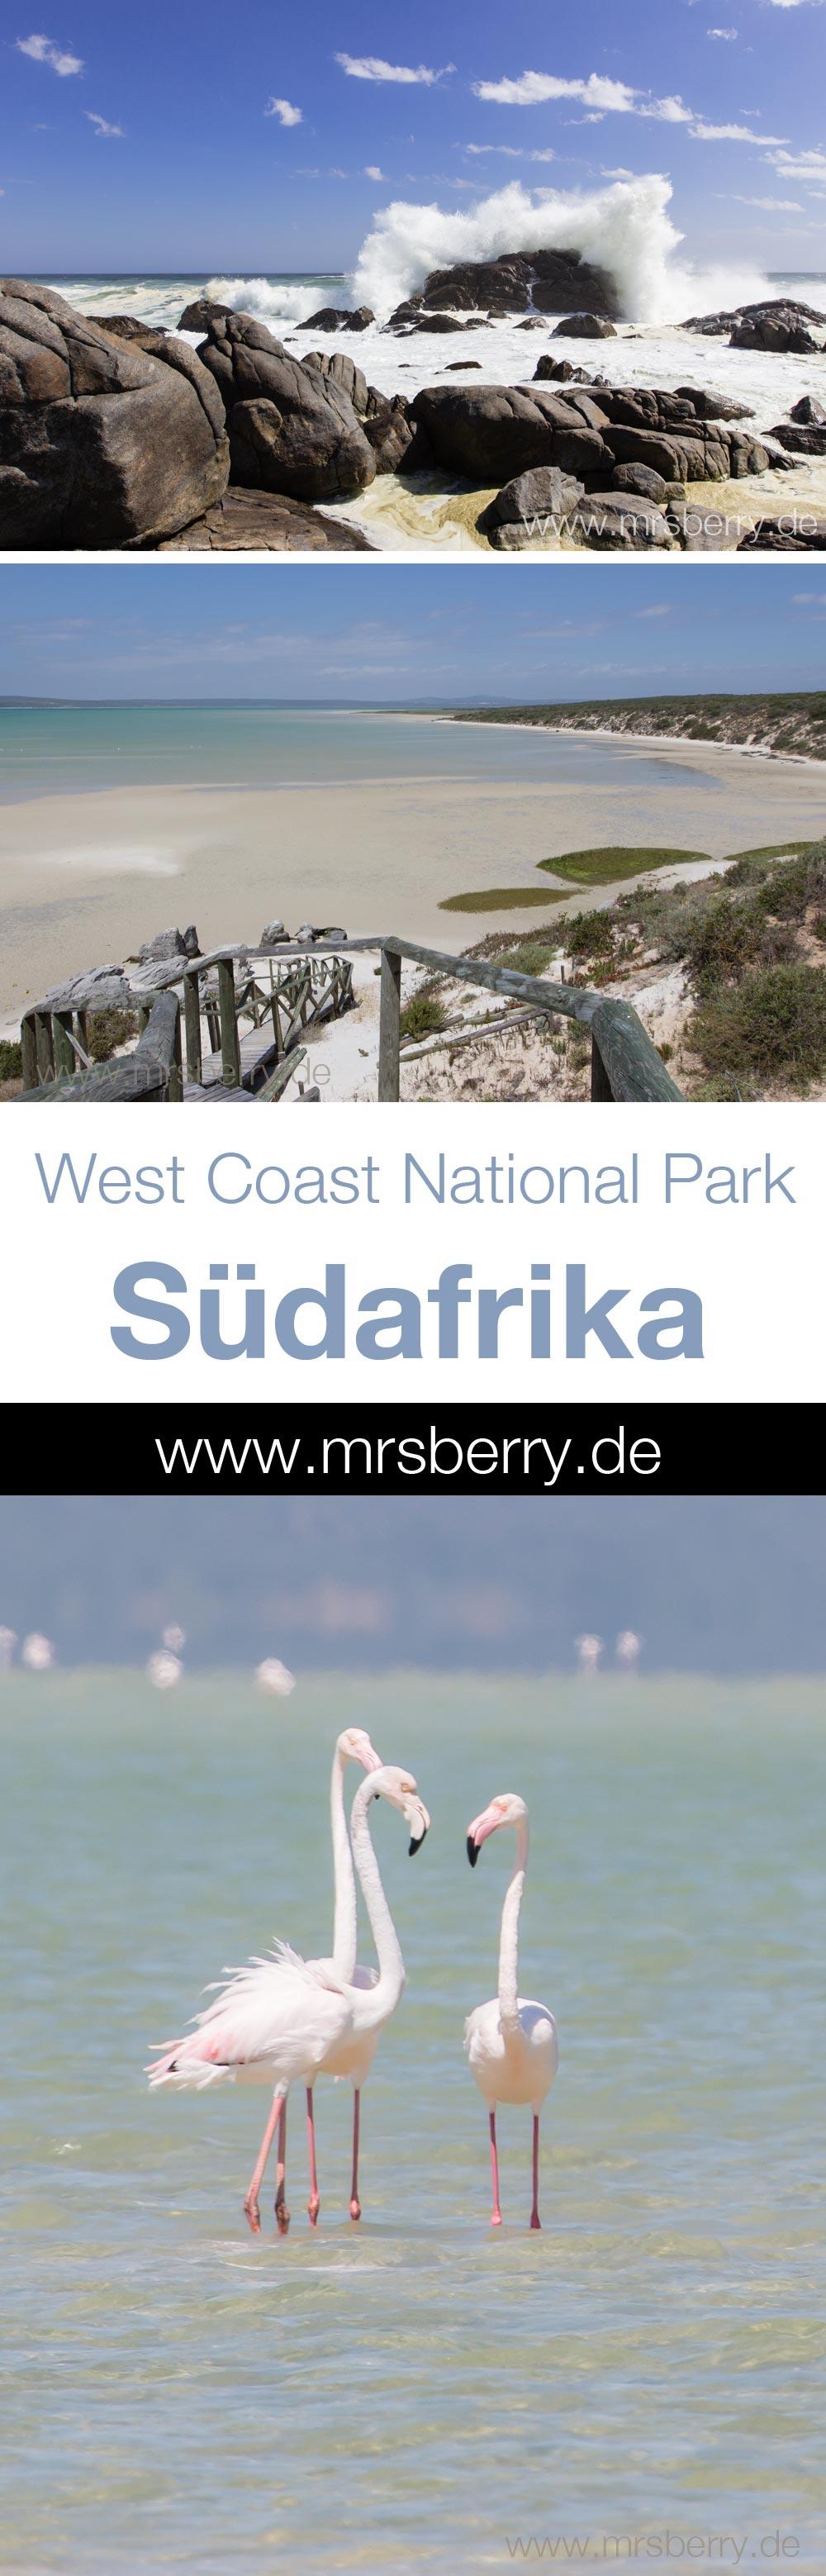 West Coast National Park in Südafrika | MrsBerry Reisetipps für eine Südafrika Rundreise